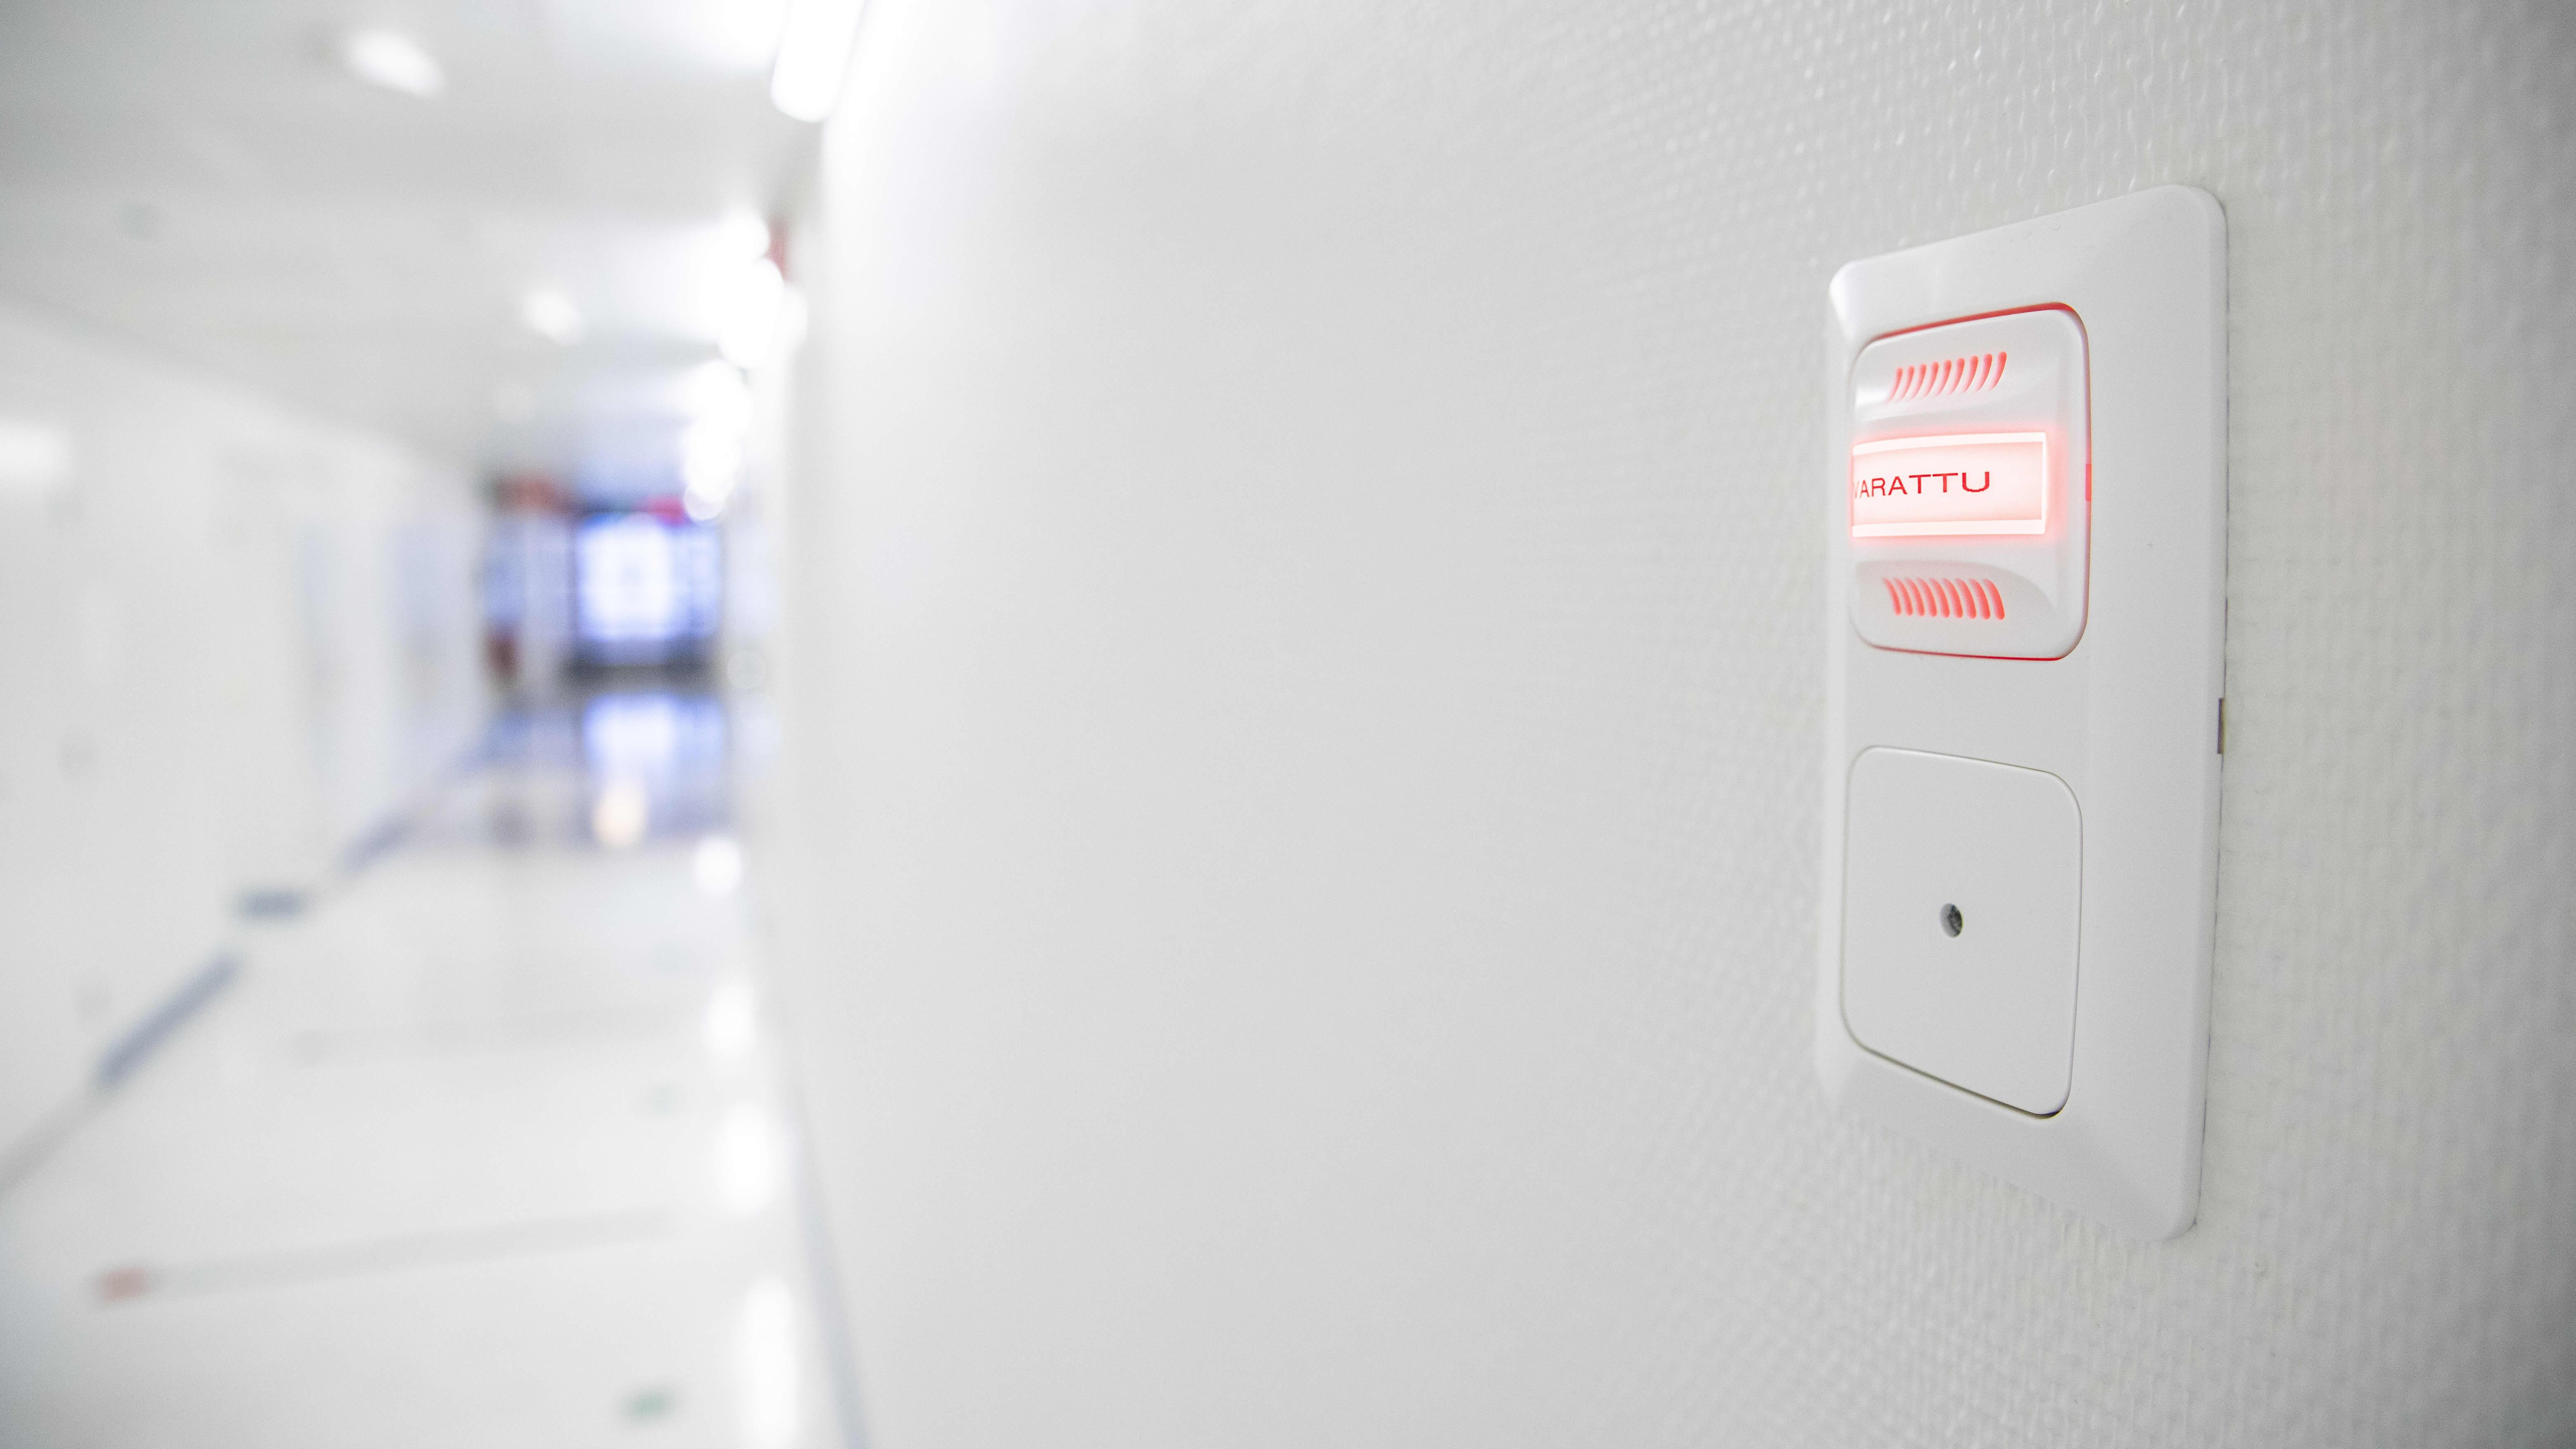 Varattu valo sairaalan käytävällä